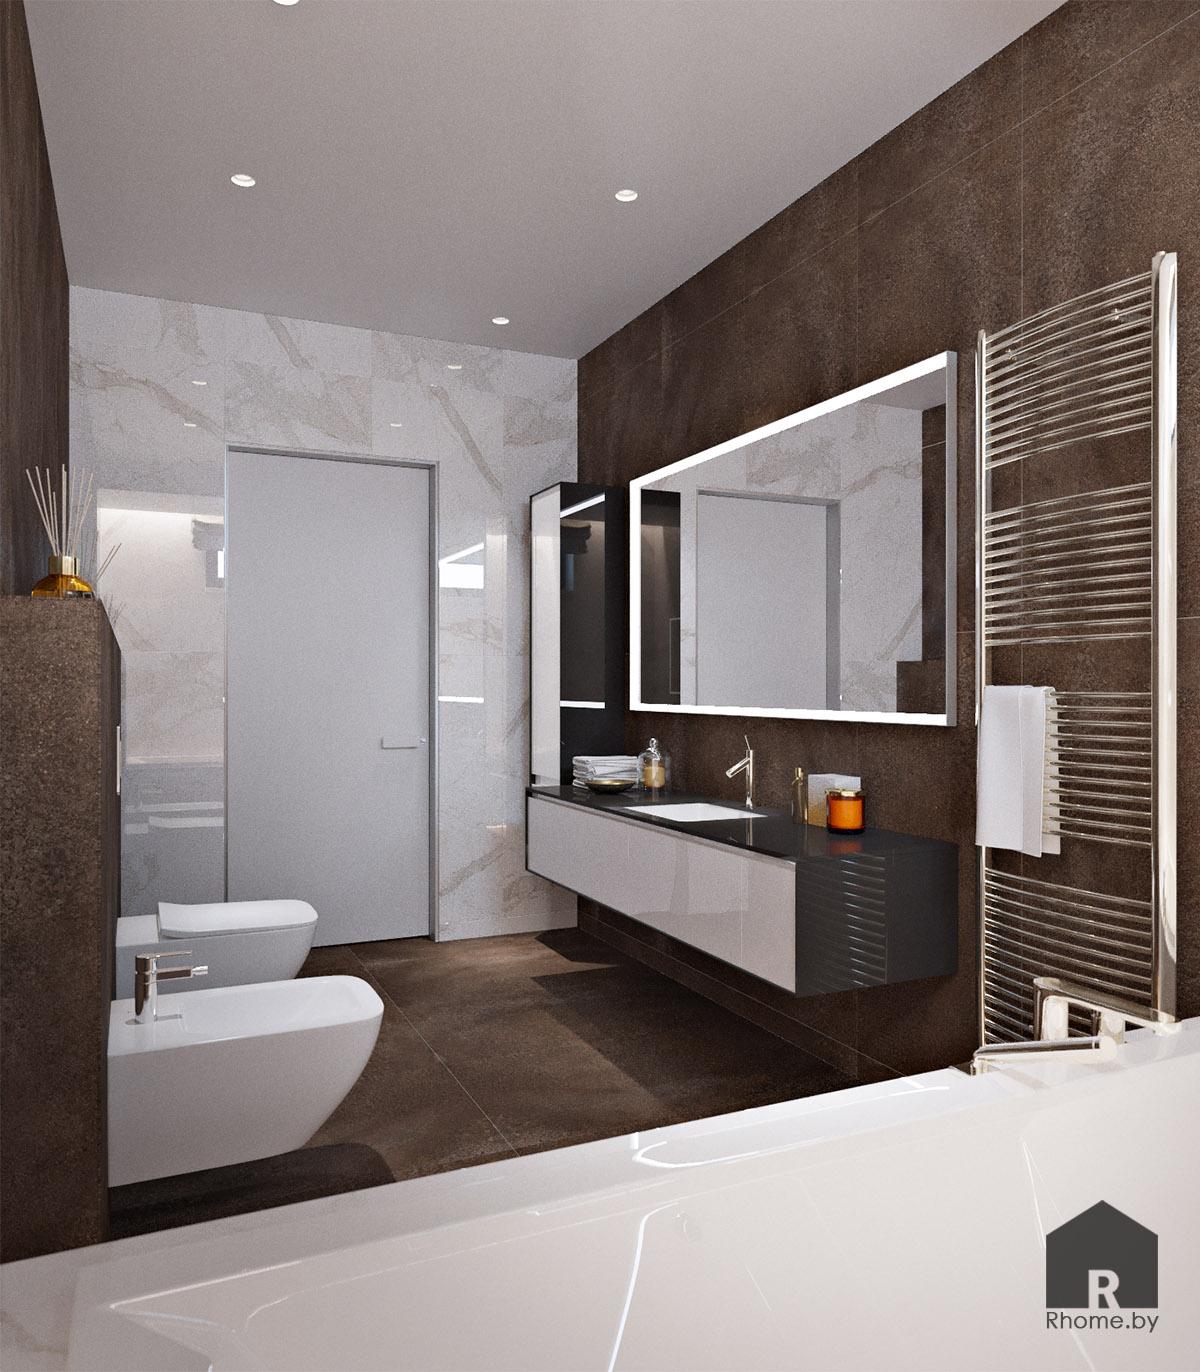 Дизайн интерьера ванной в Мозыре | Дизайн студия – Rhome.by